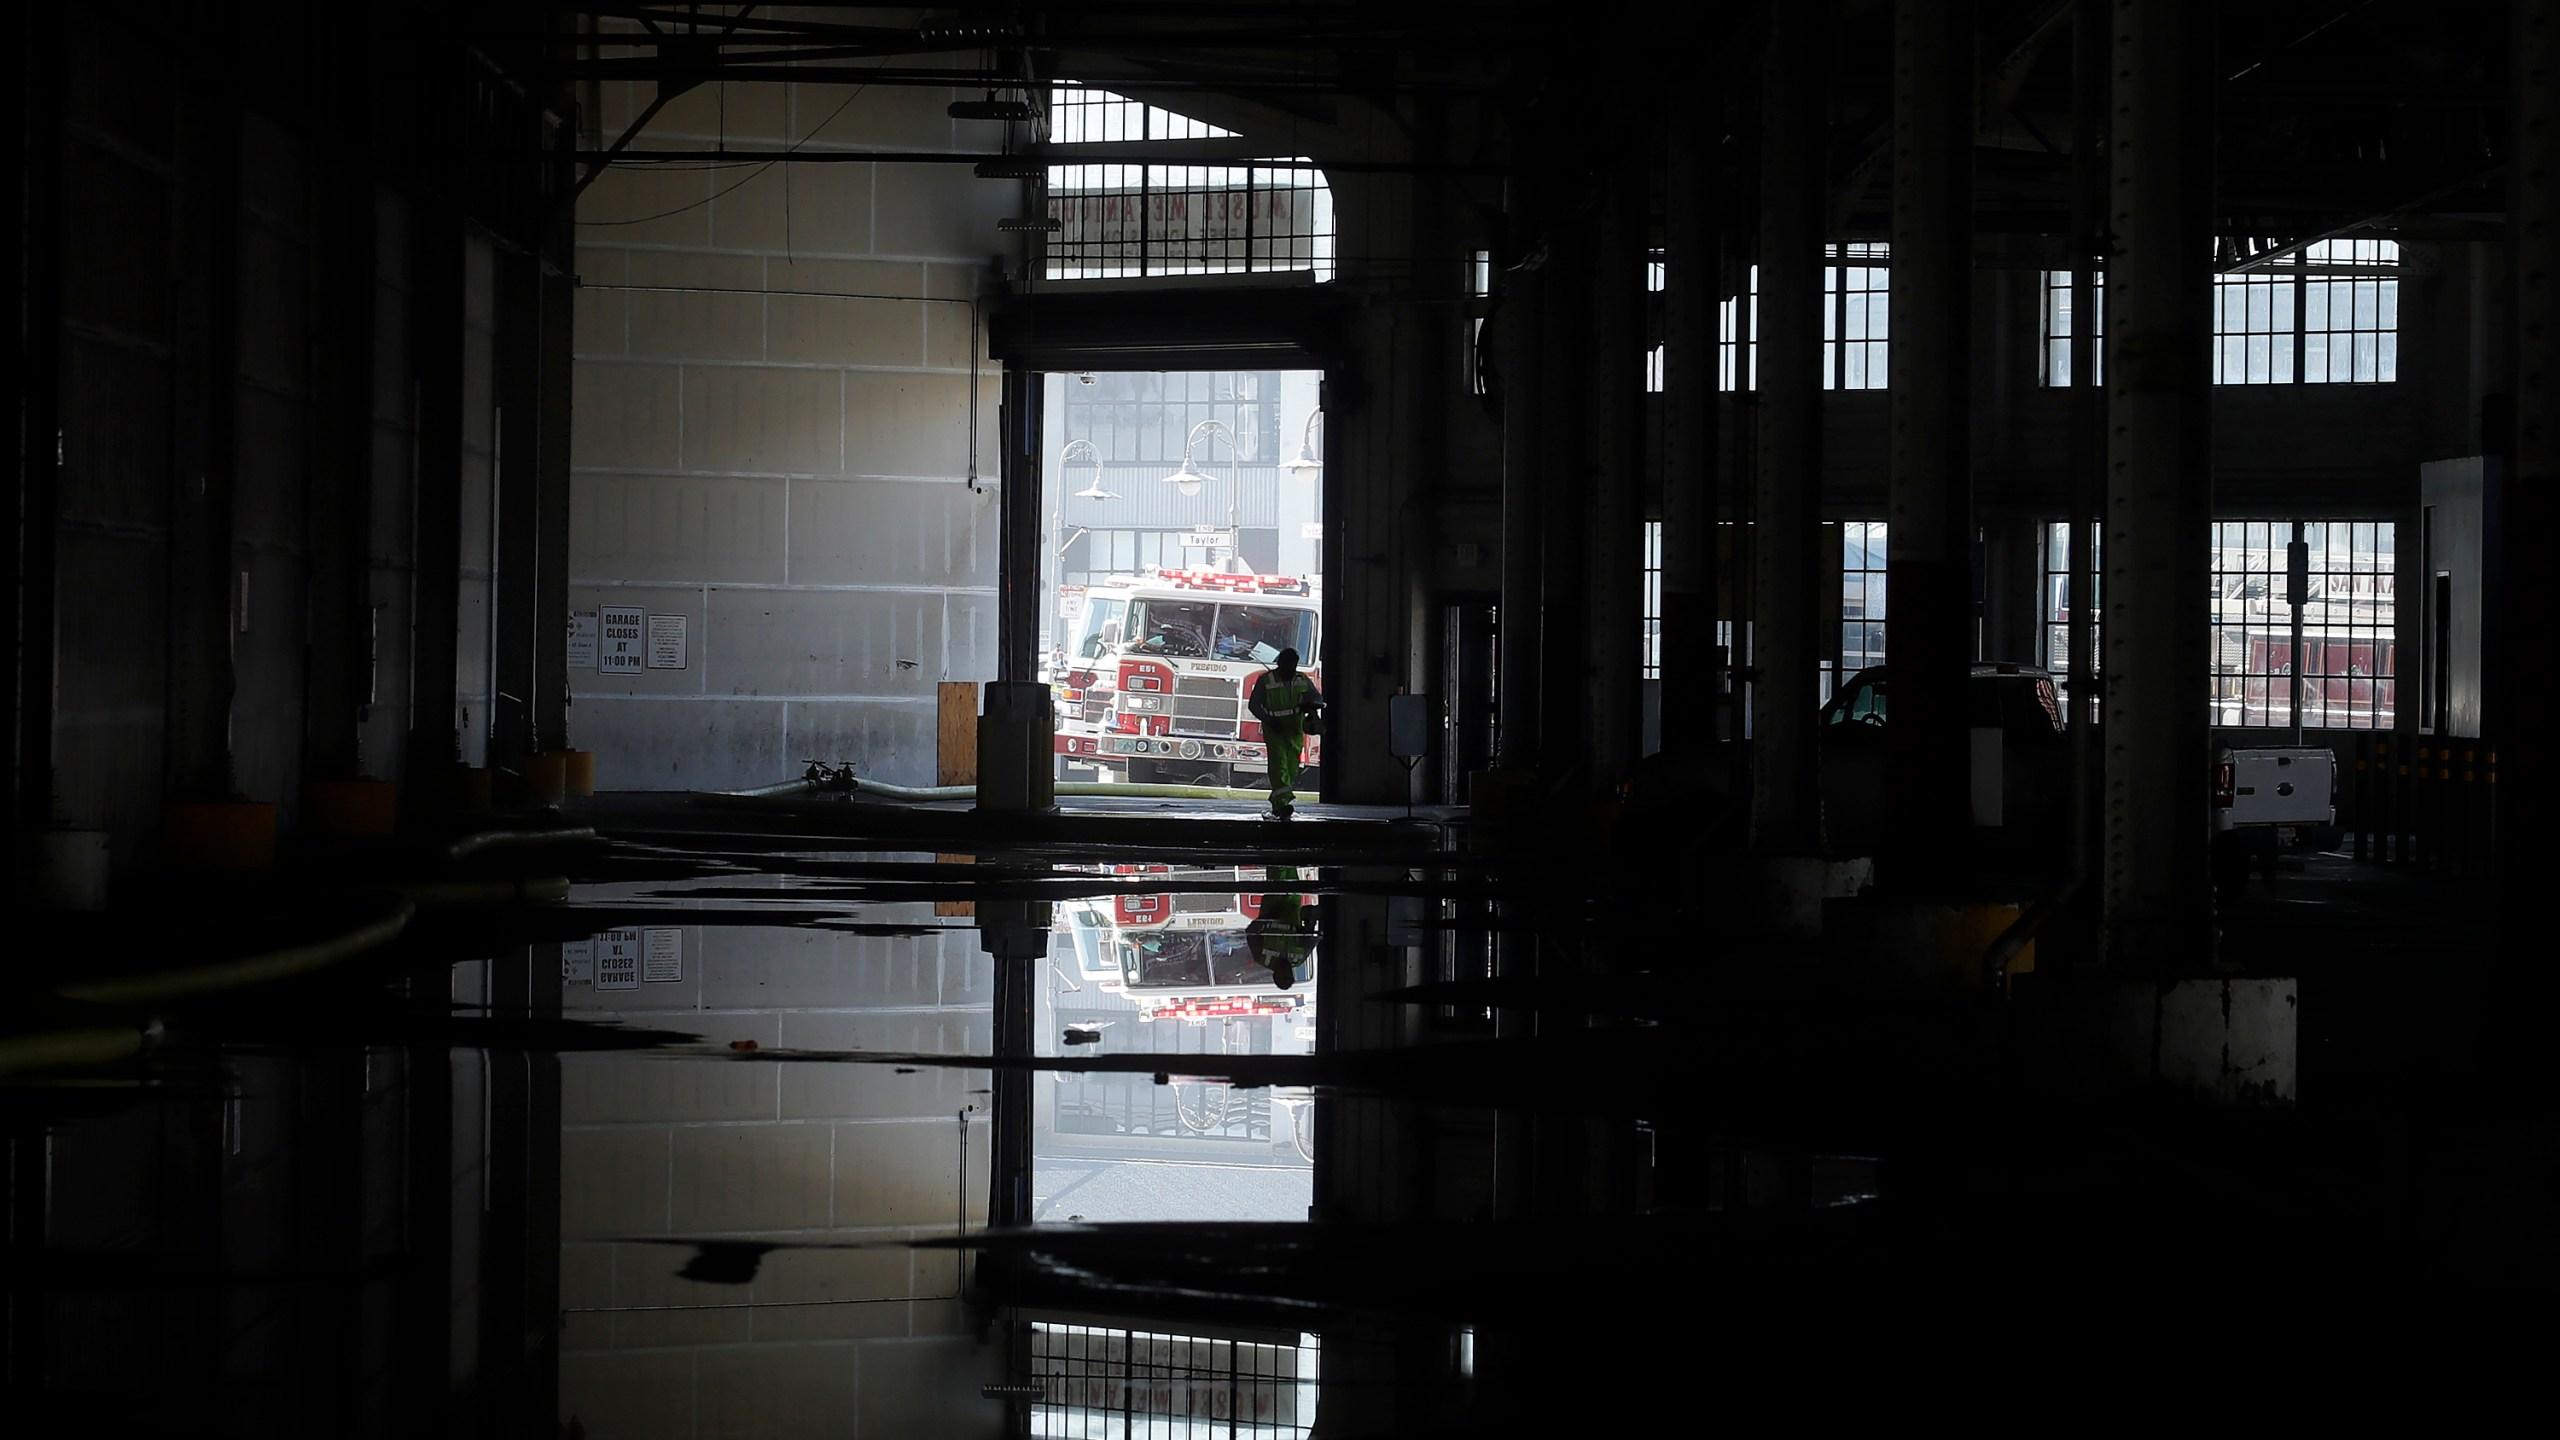 Fire destroys warehouse on San